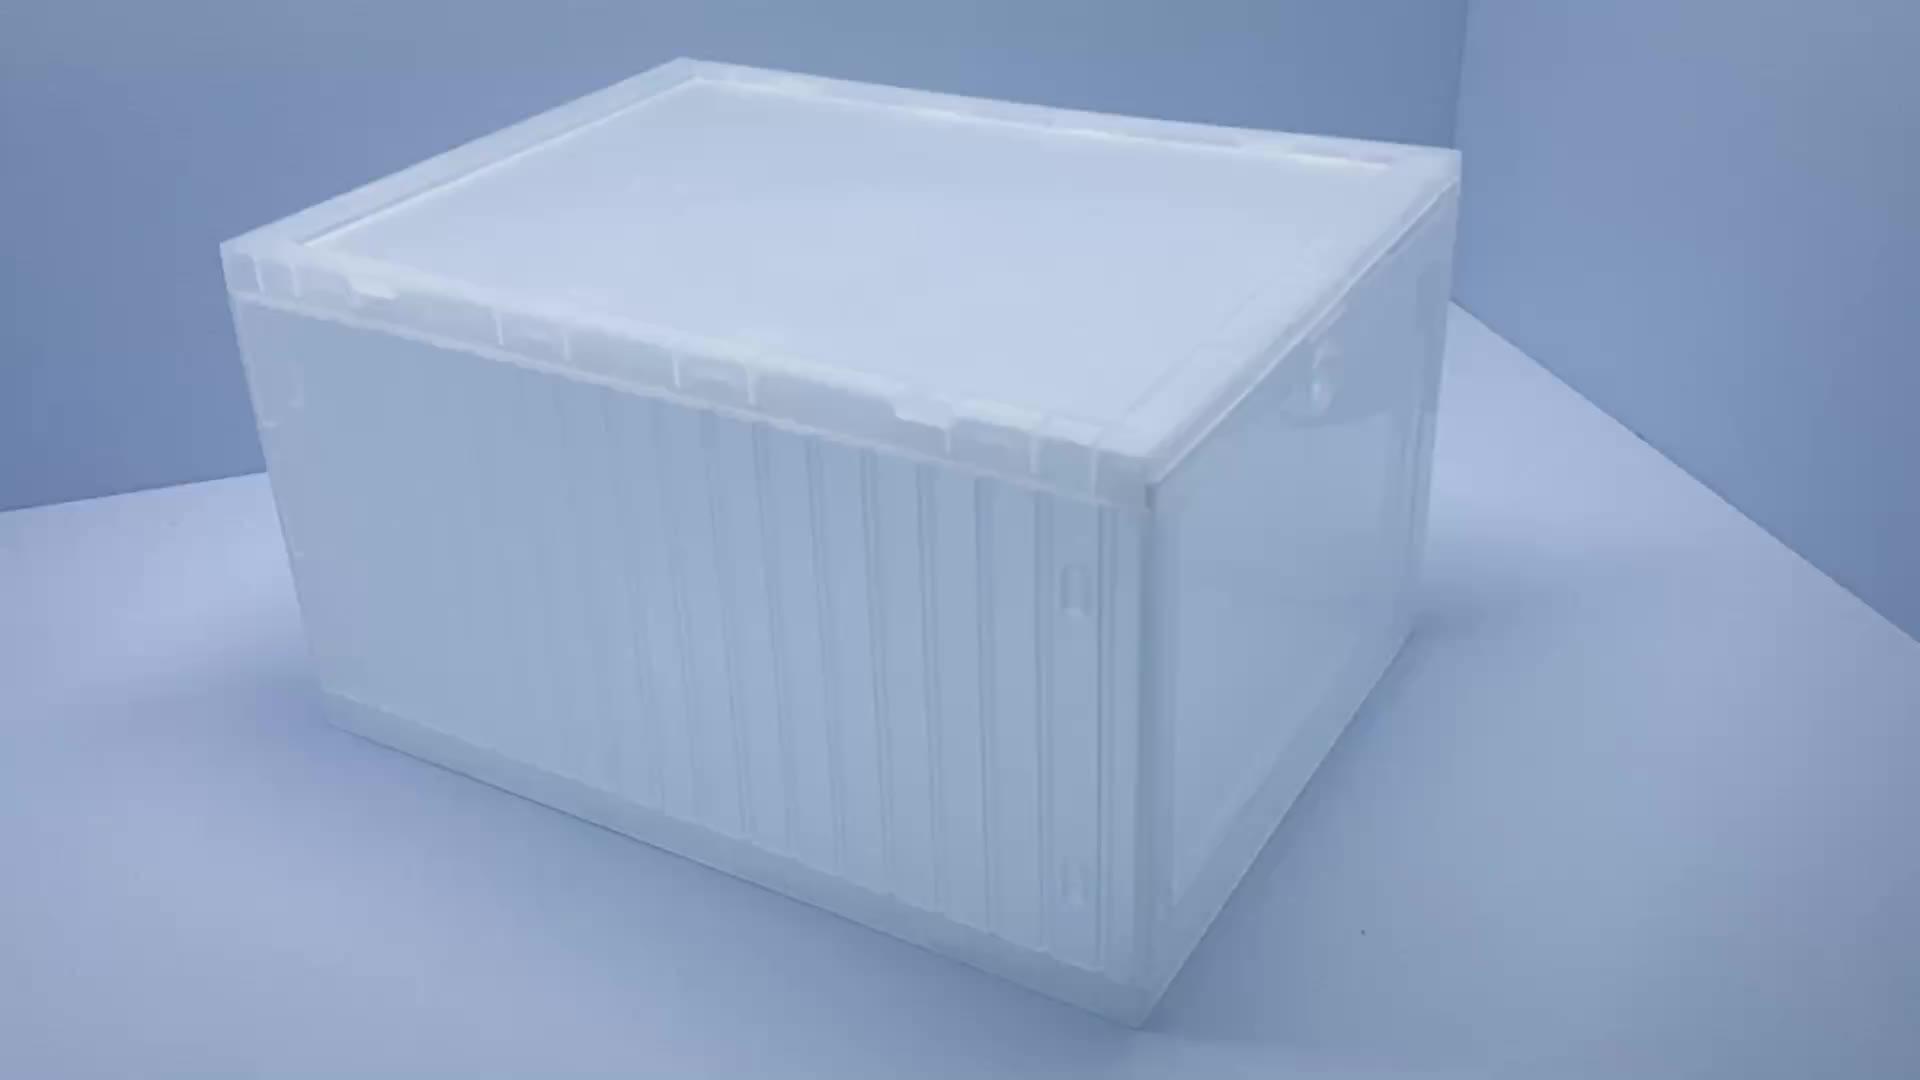 Grande seil-transparente Empilhável Dobrável Dobrável caixa de Sapato Organizador À Prova D' Água Pode Caber Pequeno/Médio Sapatos